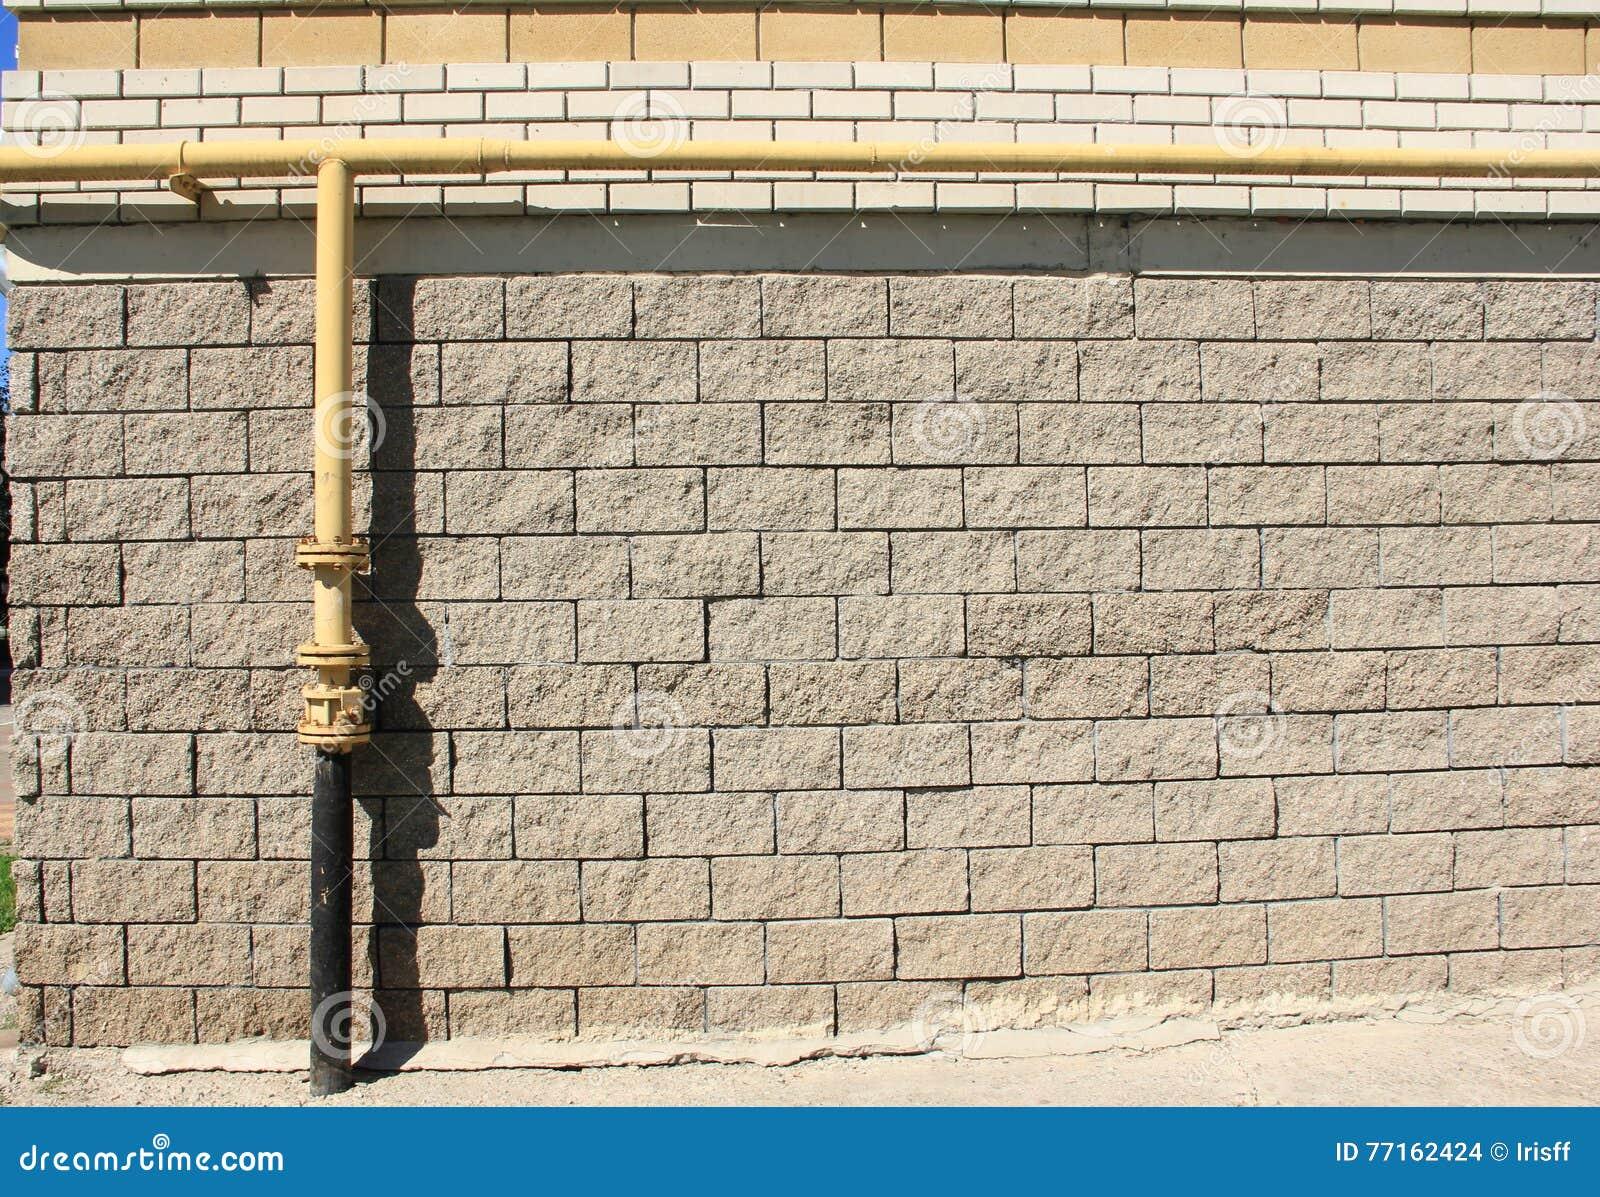 Gasrohr auf einer Backsteinmauer